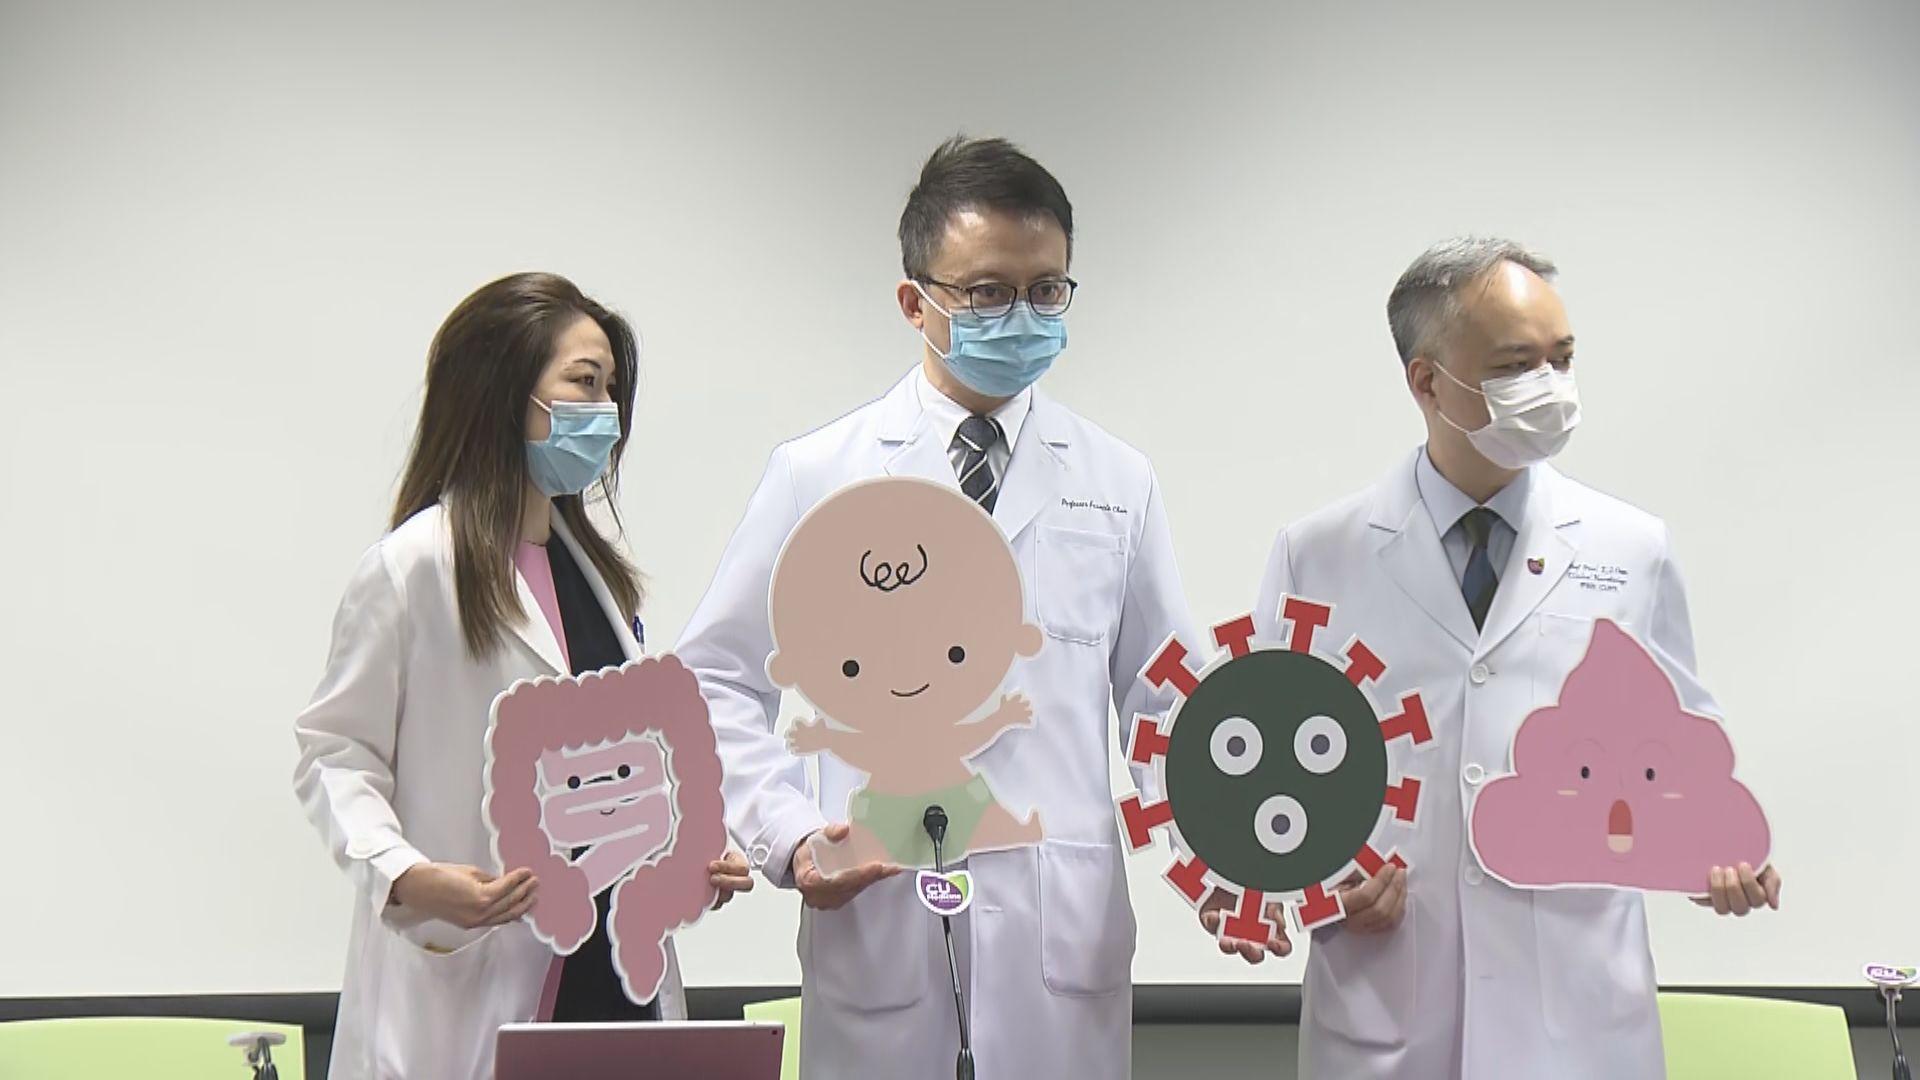 中大證實腸道糞便可帶病毒 擬與政府討論修訂出院指引